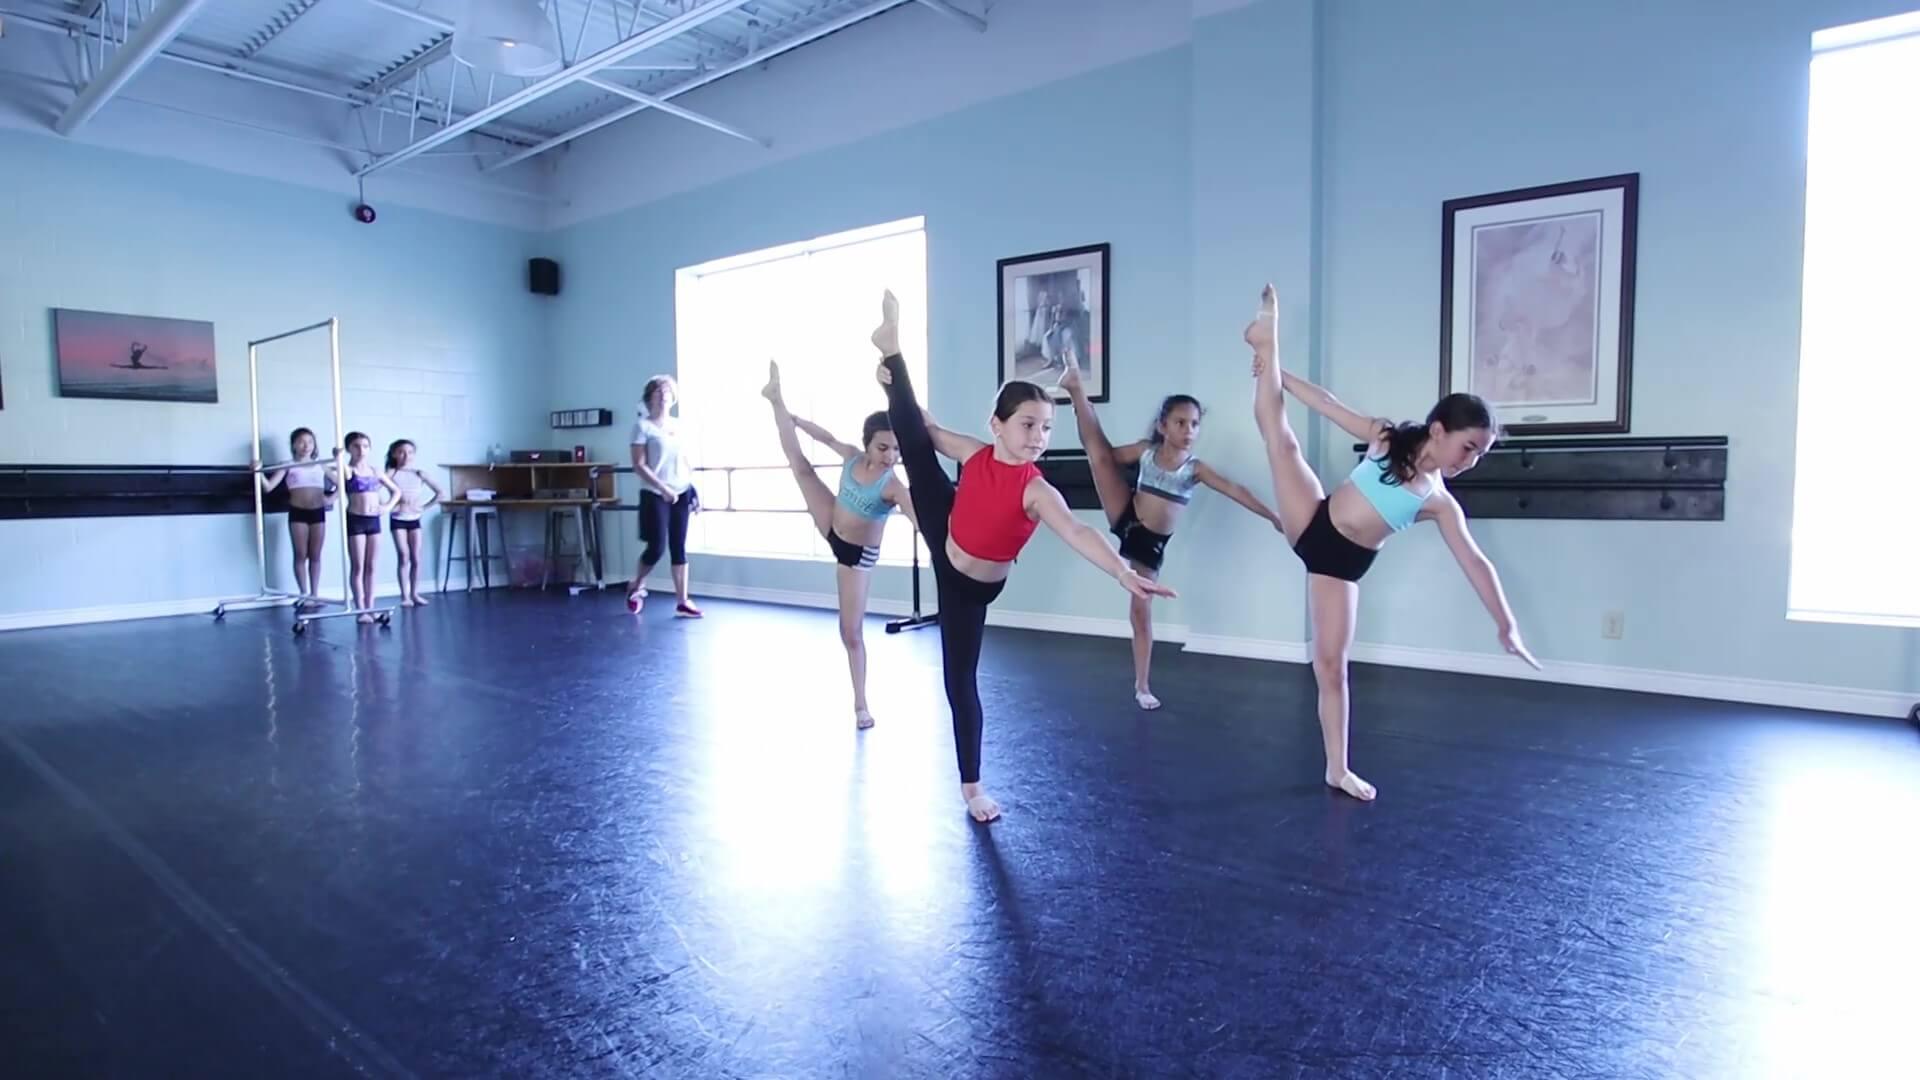 Recreational dancers from jcb danceworks dancing in studio